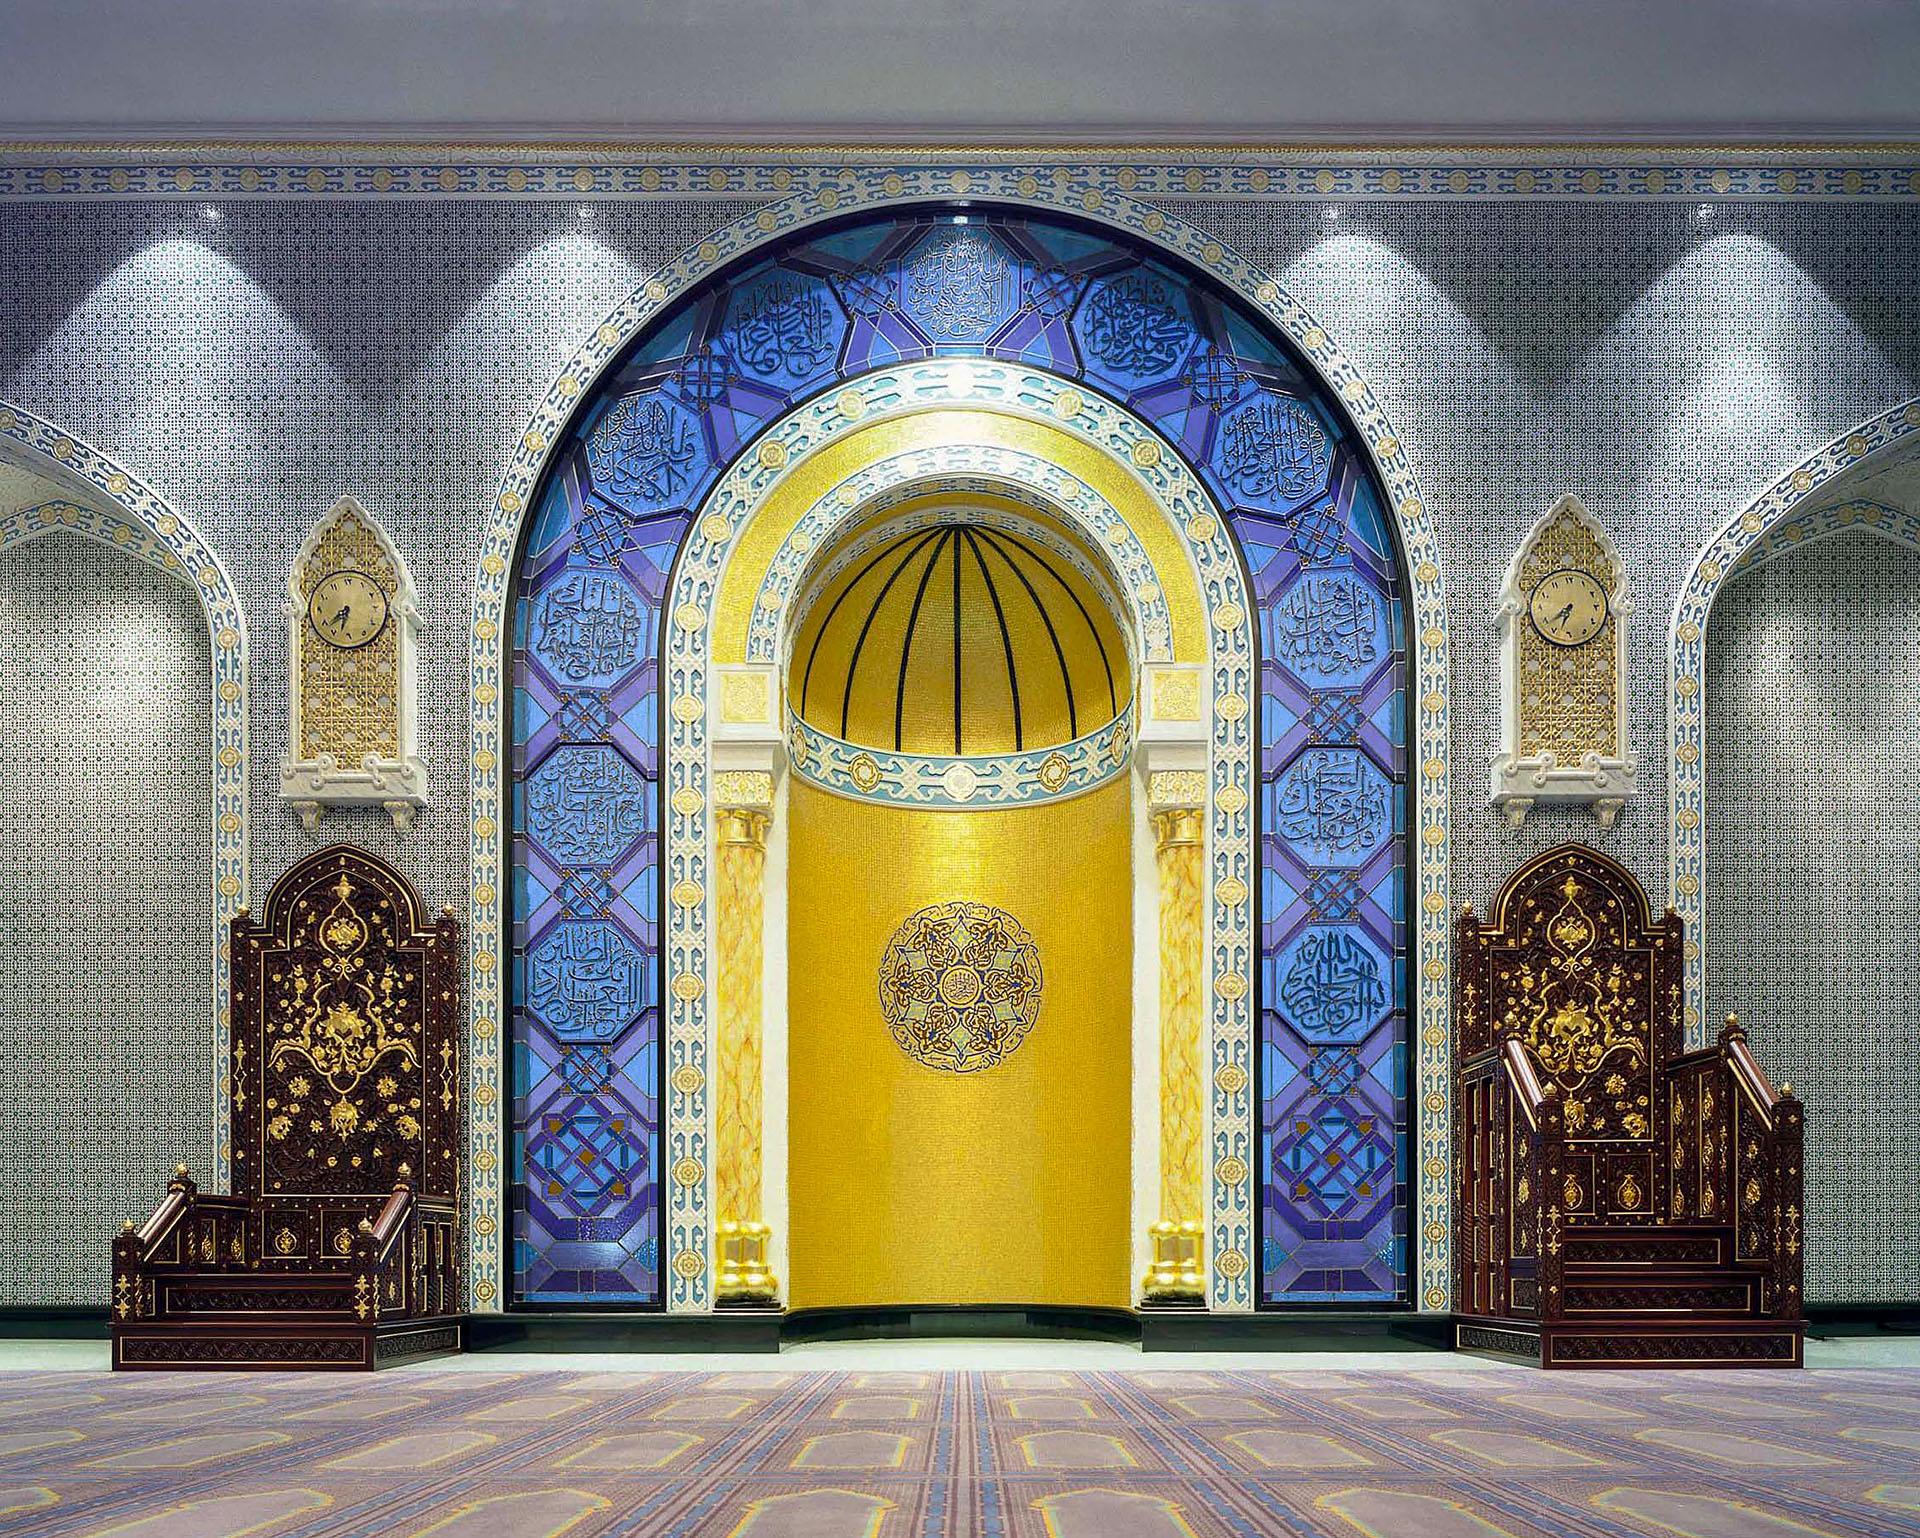 Al Zufa Mosque